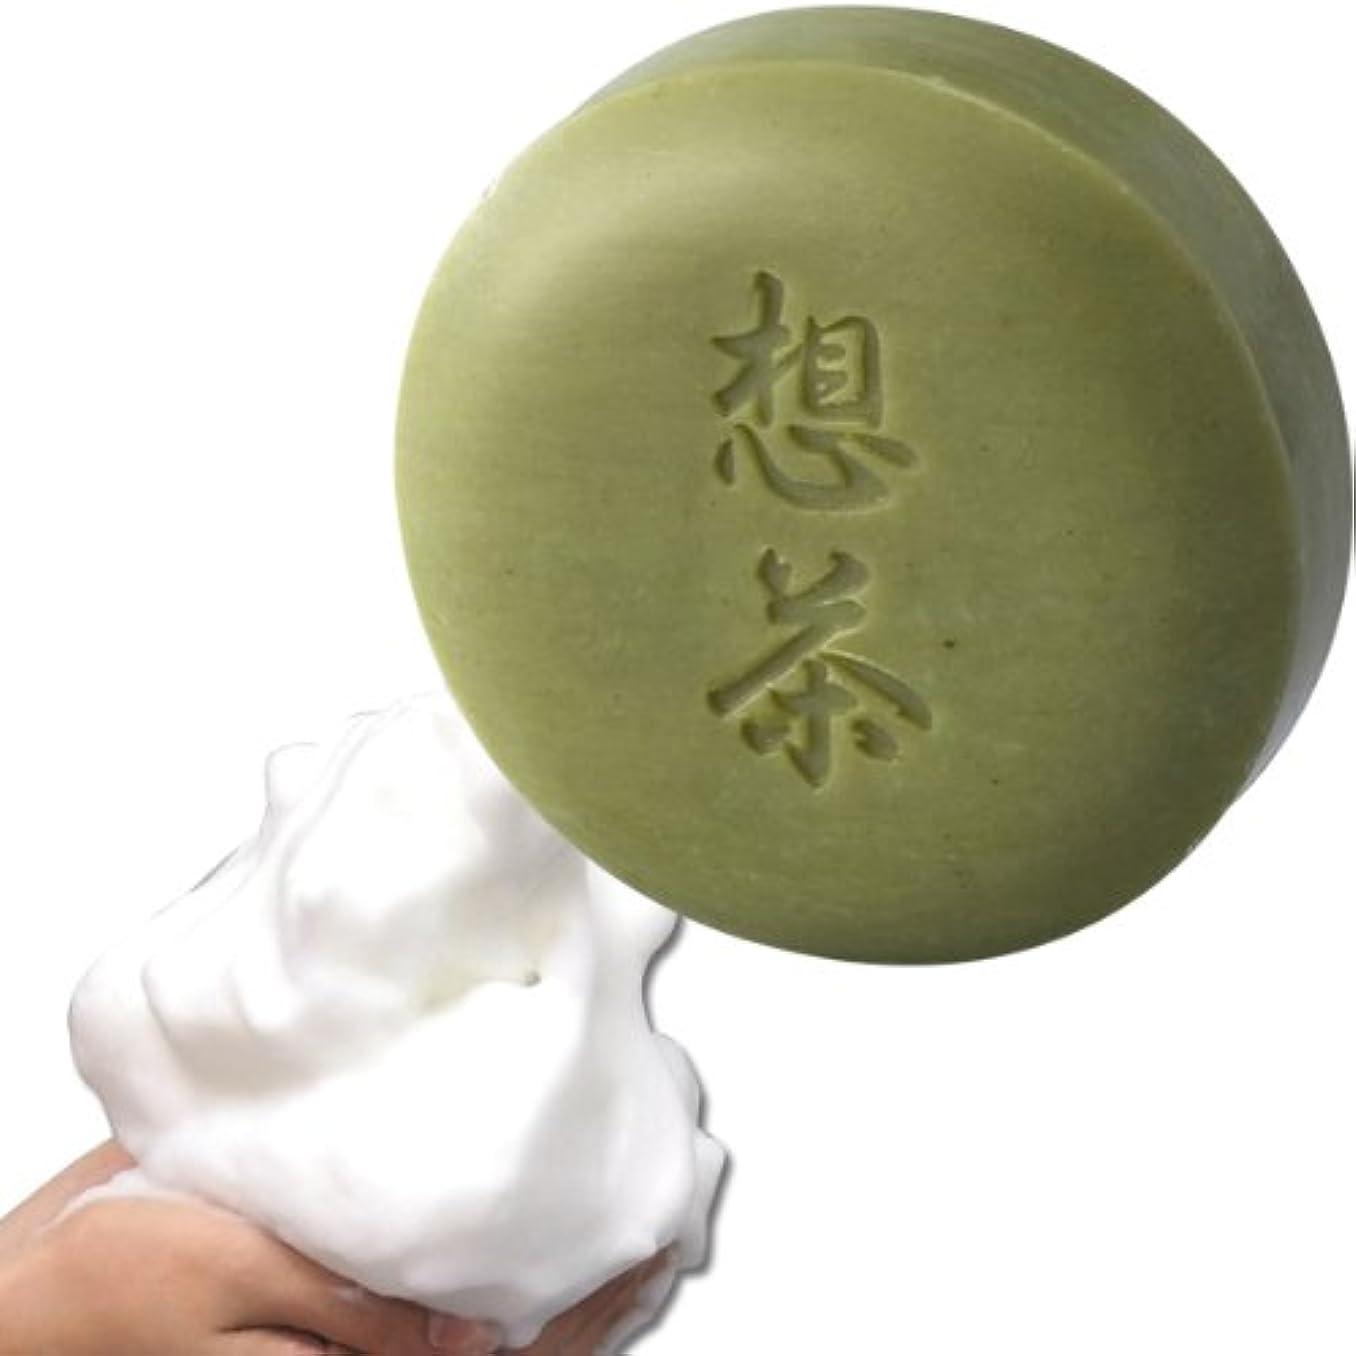 残忍な時々時々石鹸想茶石鹸 100g(お茶屋さんが作ったお茶石鹸)